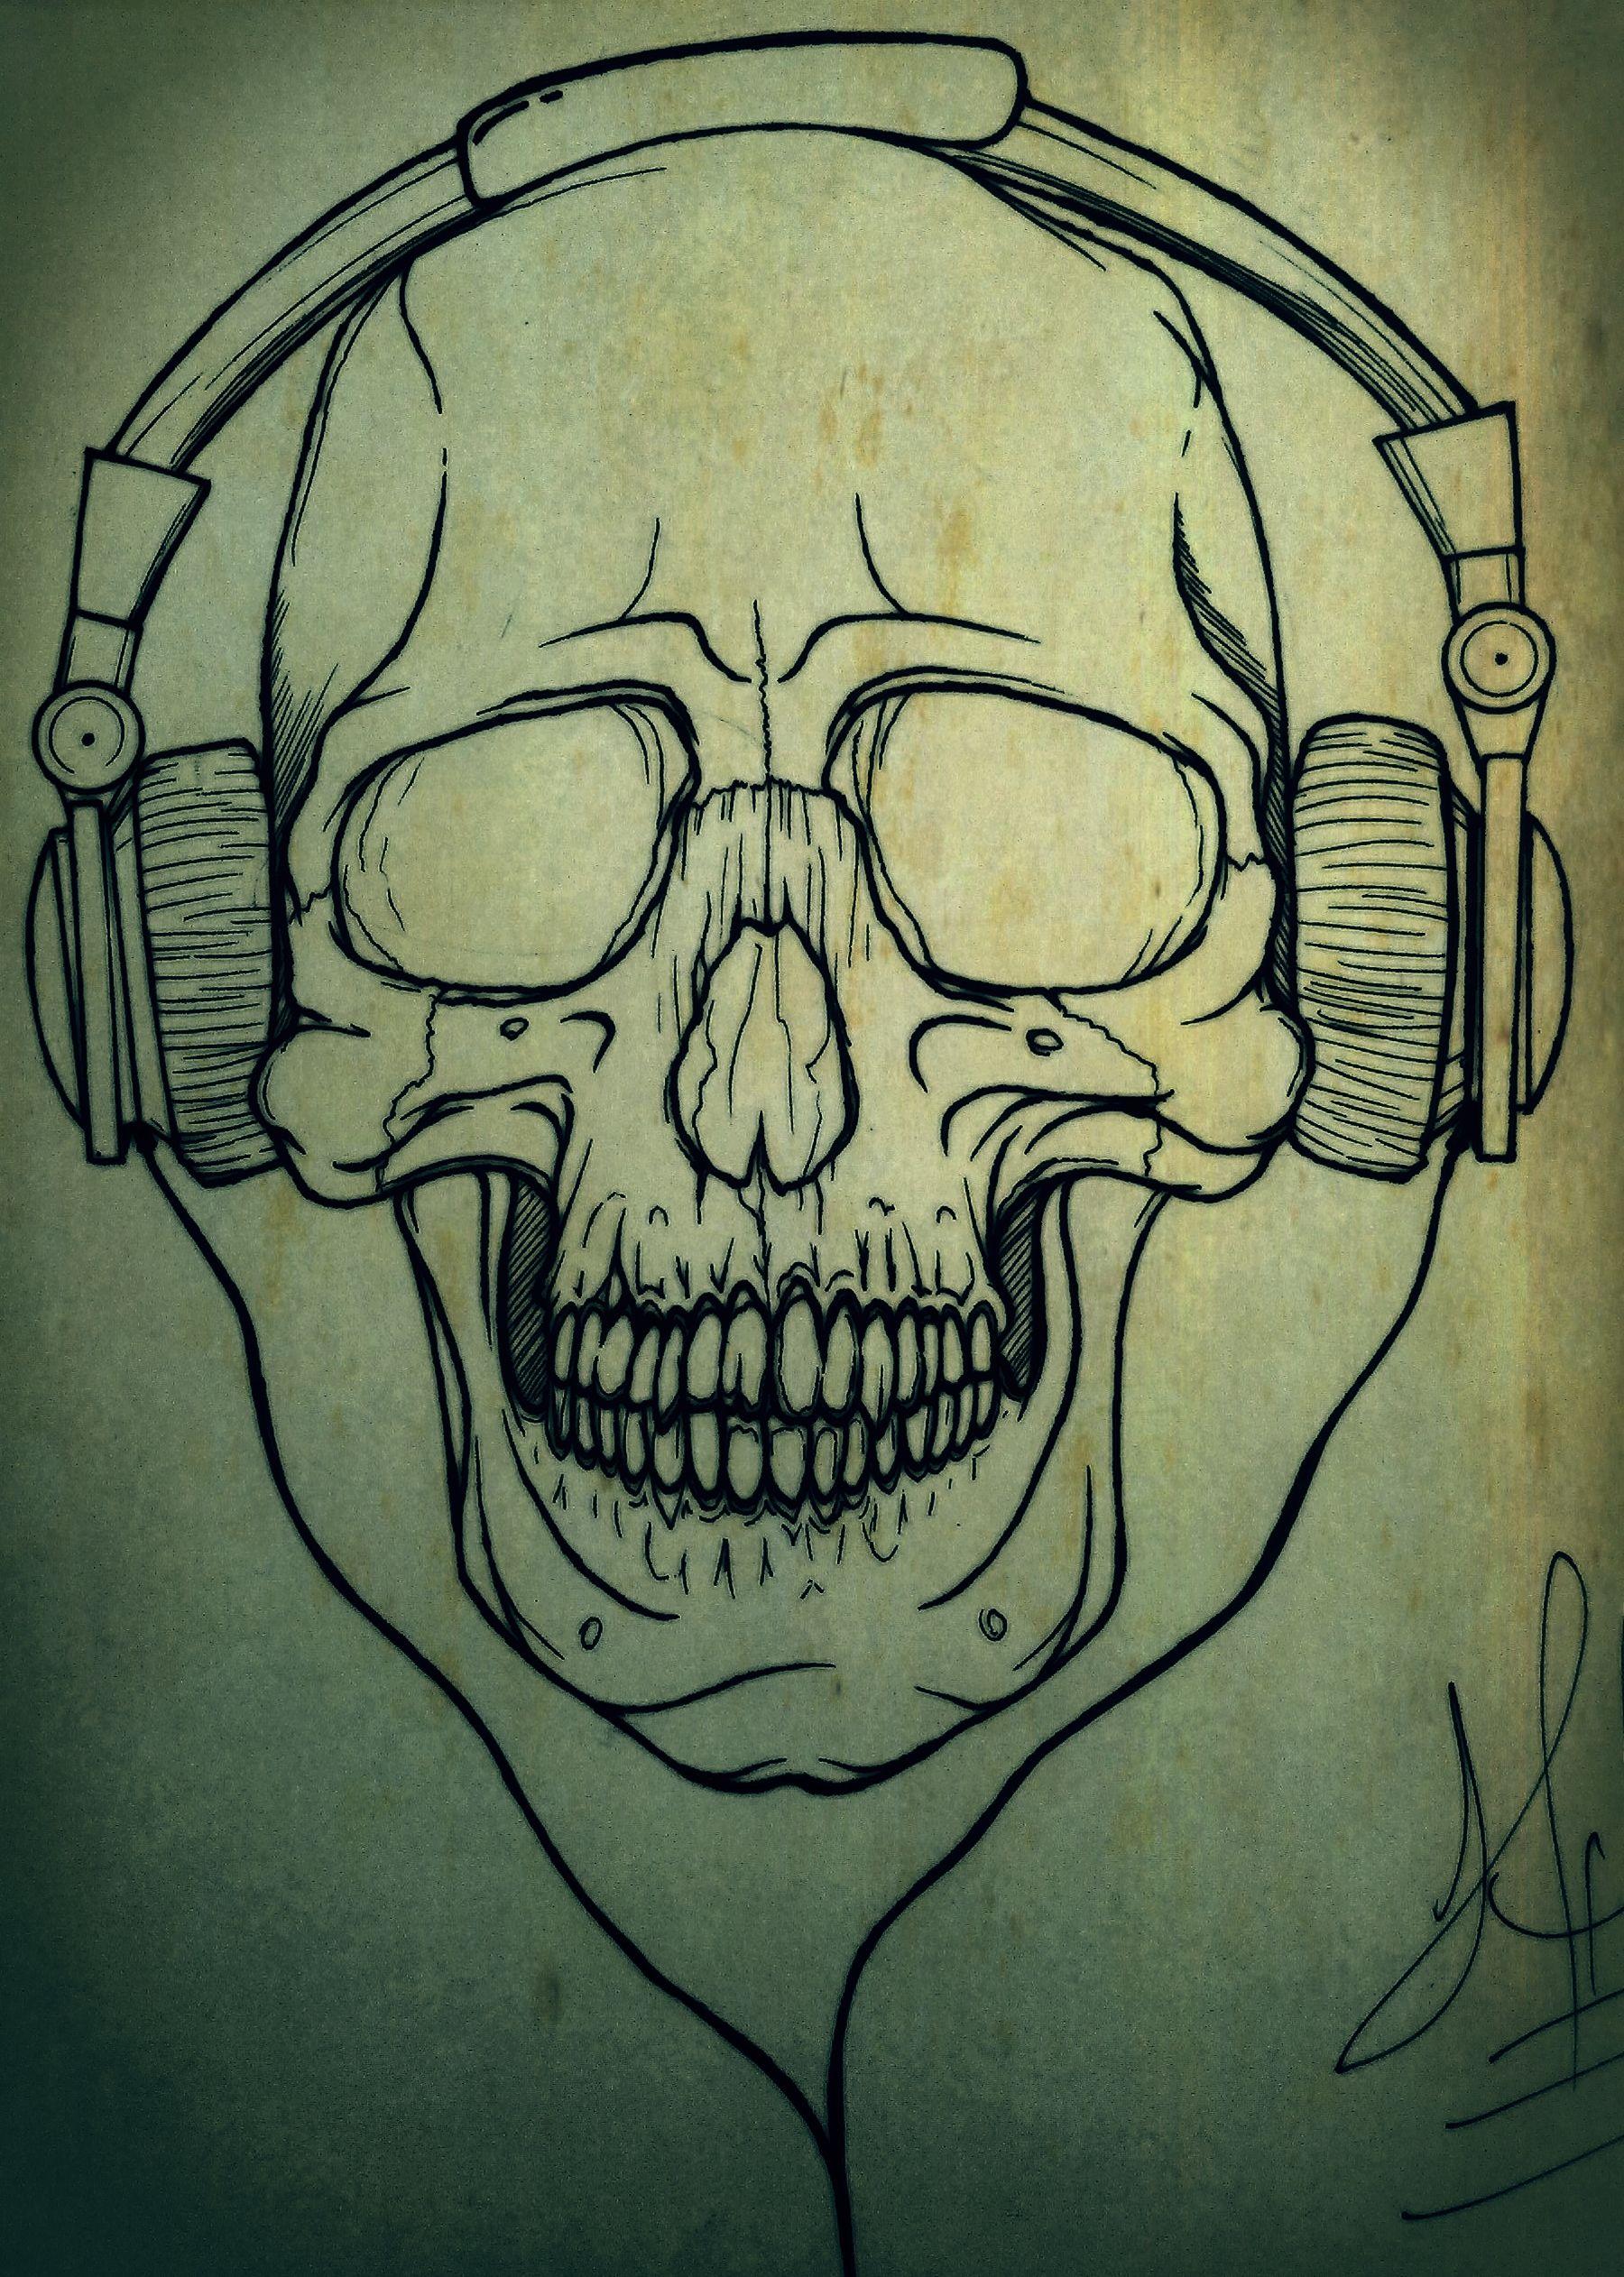 craneo humano con audifonos | arte | Pinterest | Cráneo humano ...